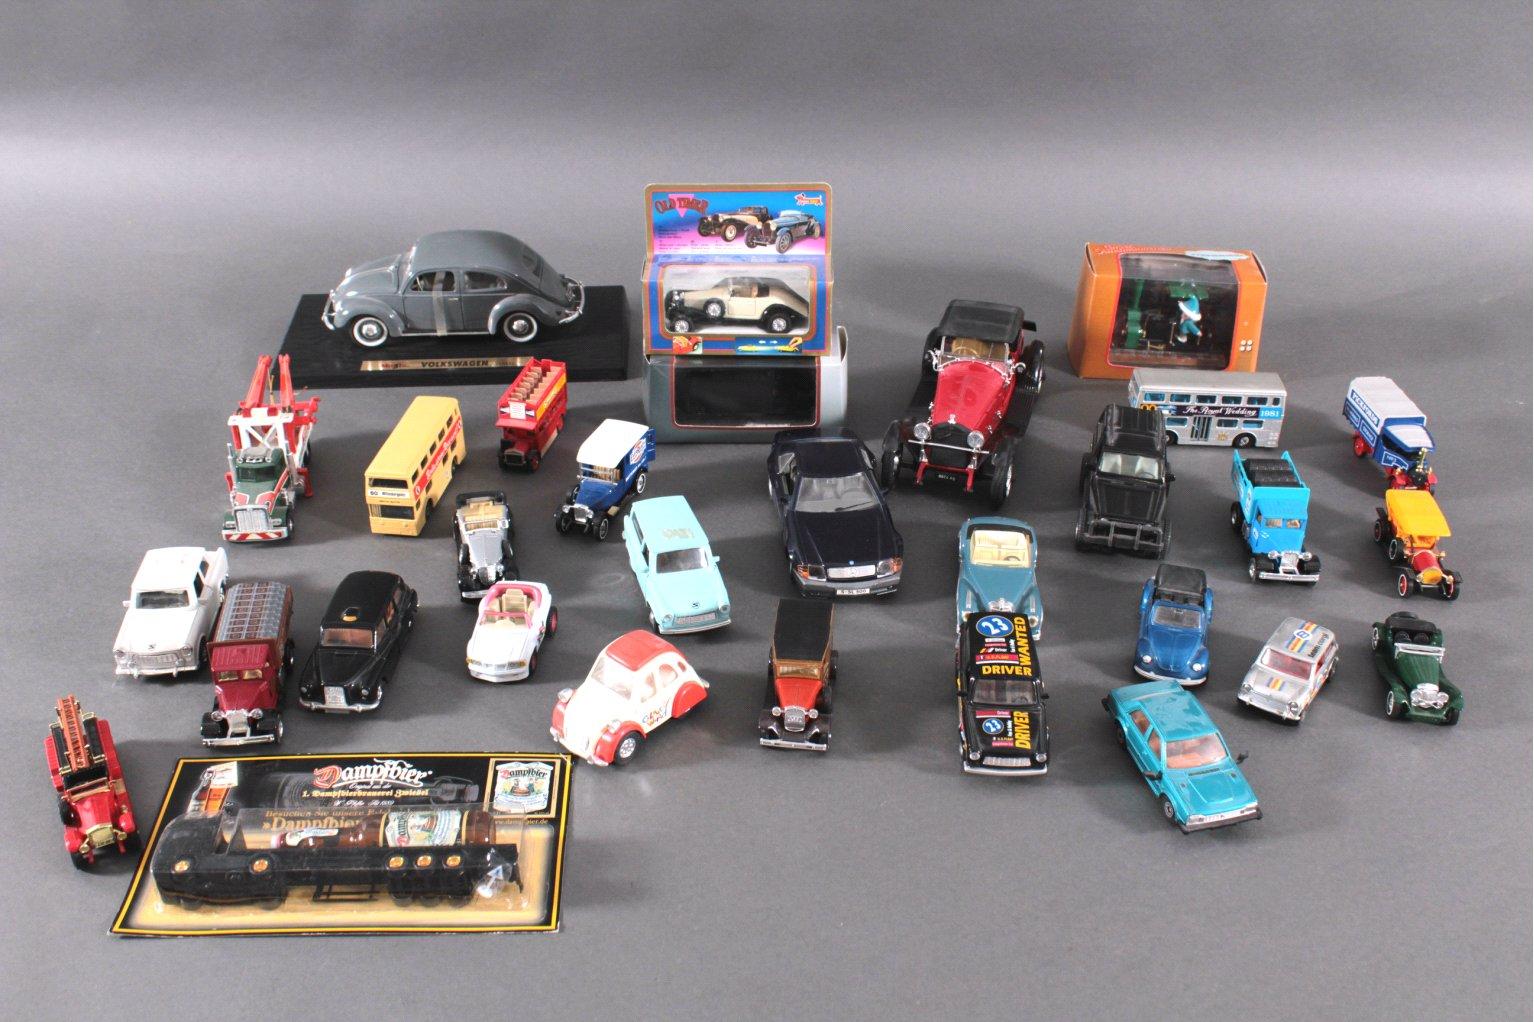 Sammlung Modell- und Spielzeugautos